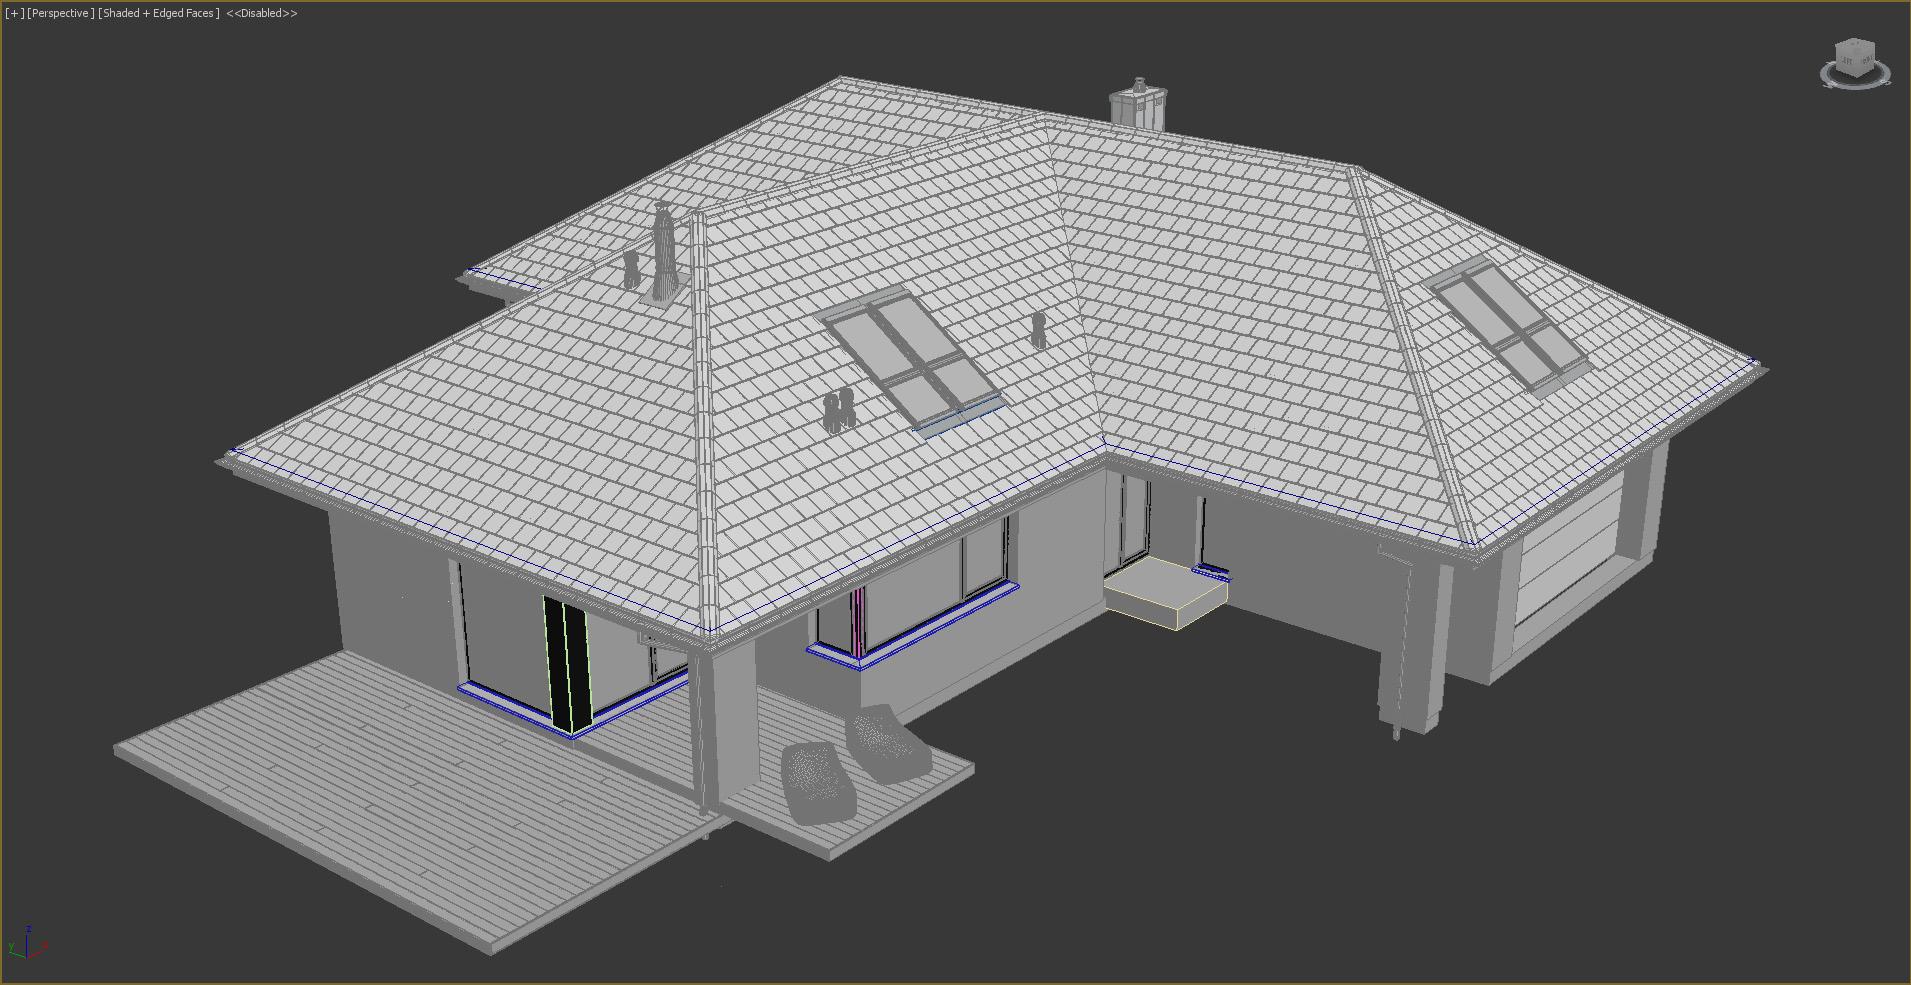 single family house 3d model - 3d Home Modeling